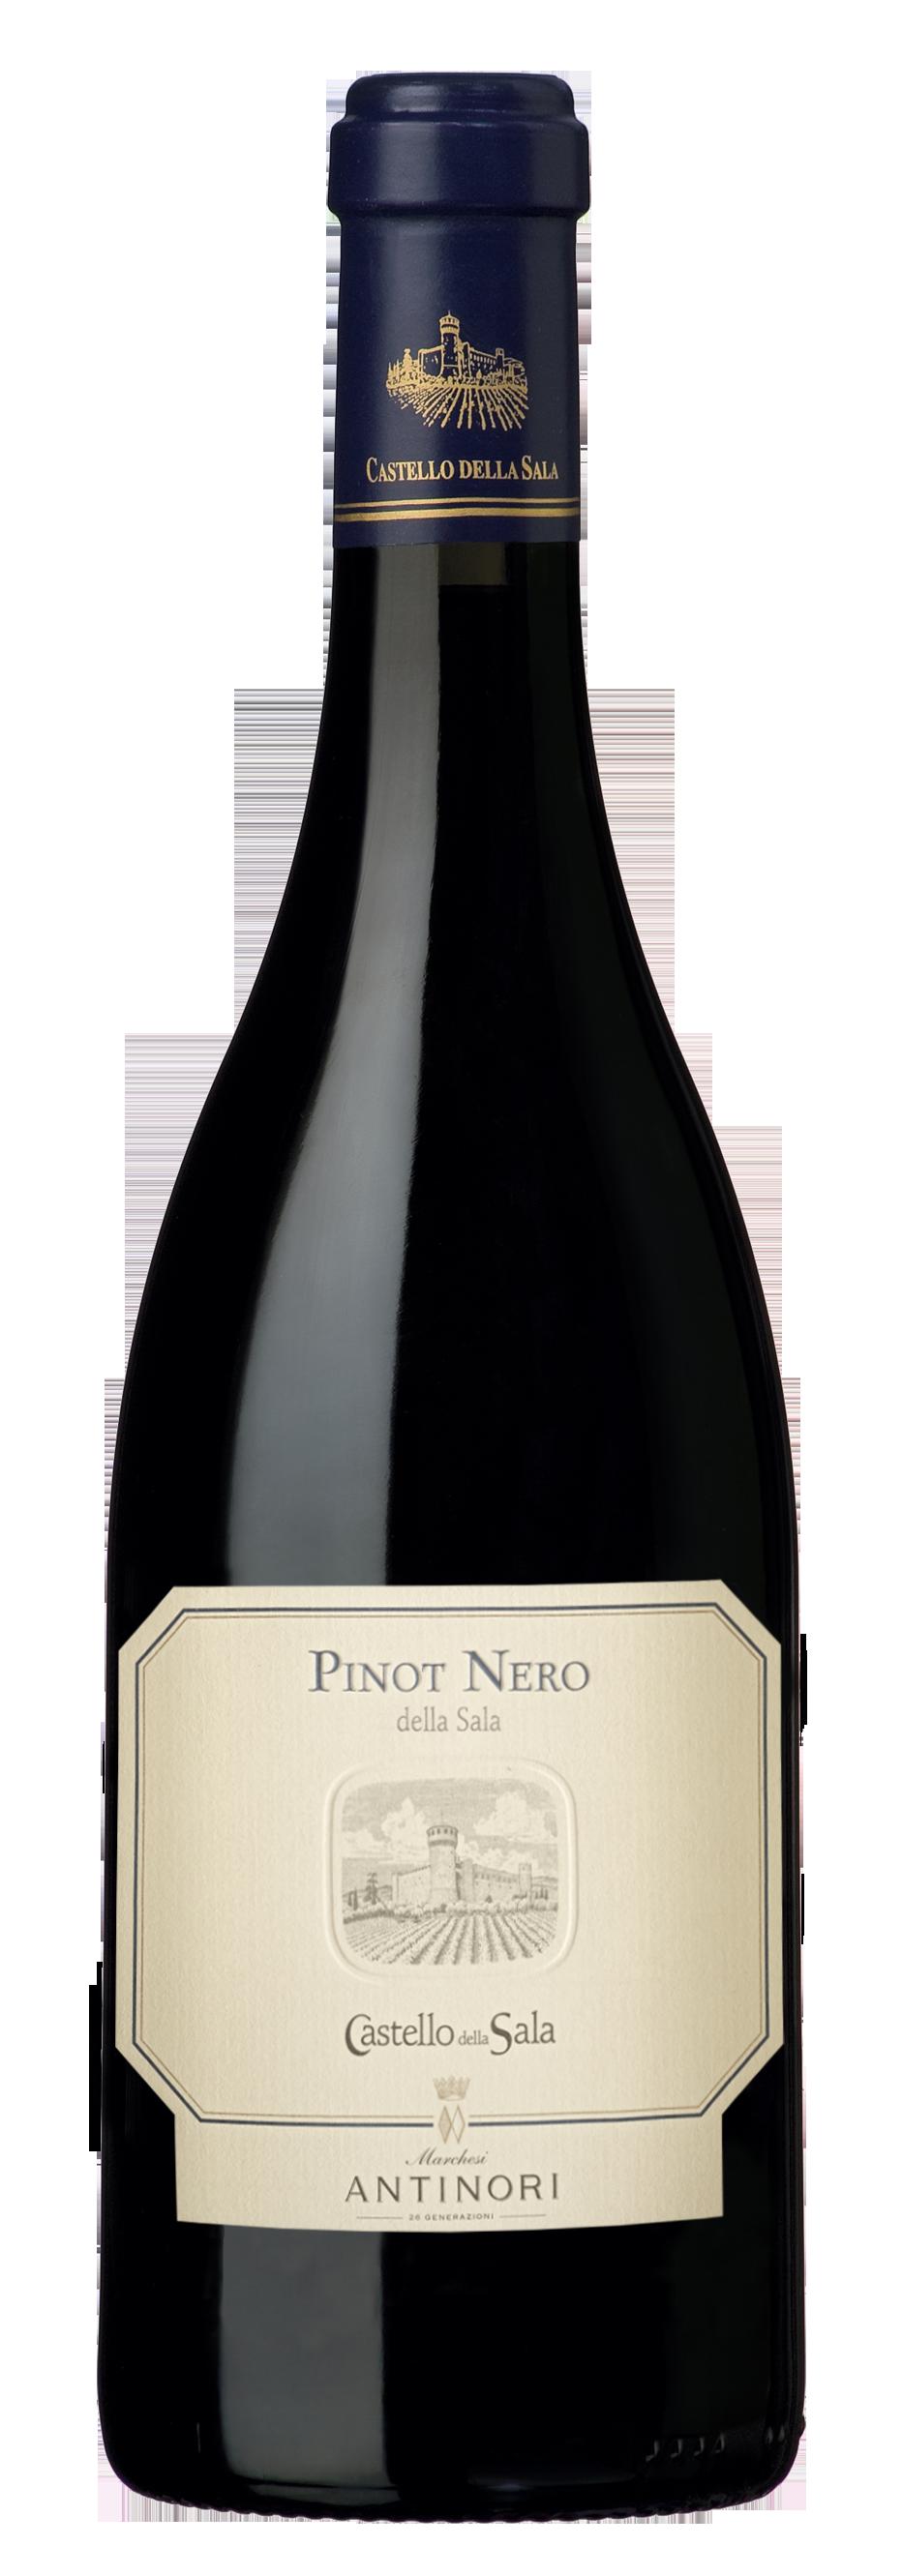 Pinot Nero della Sala